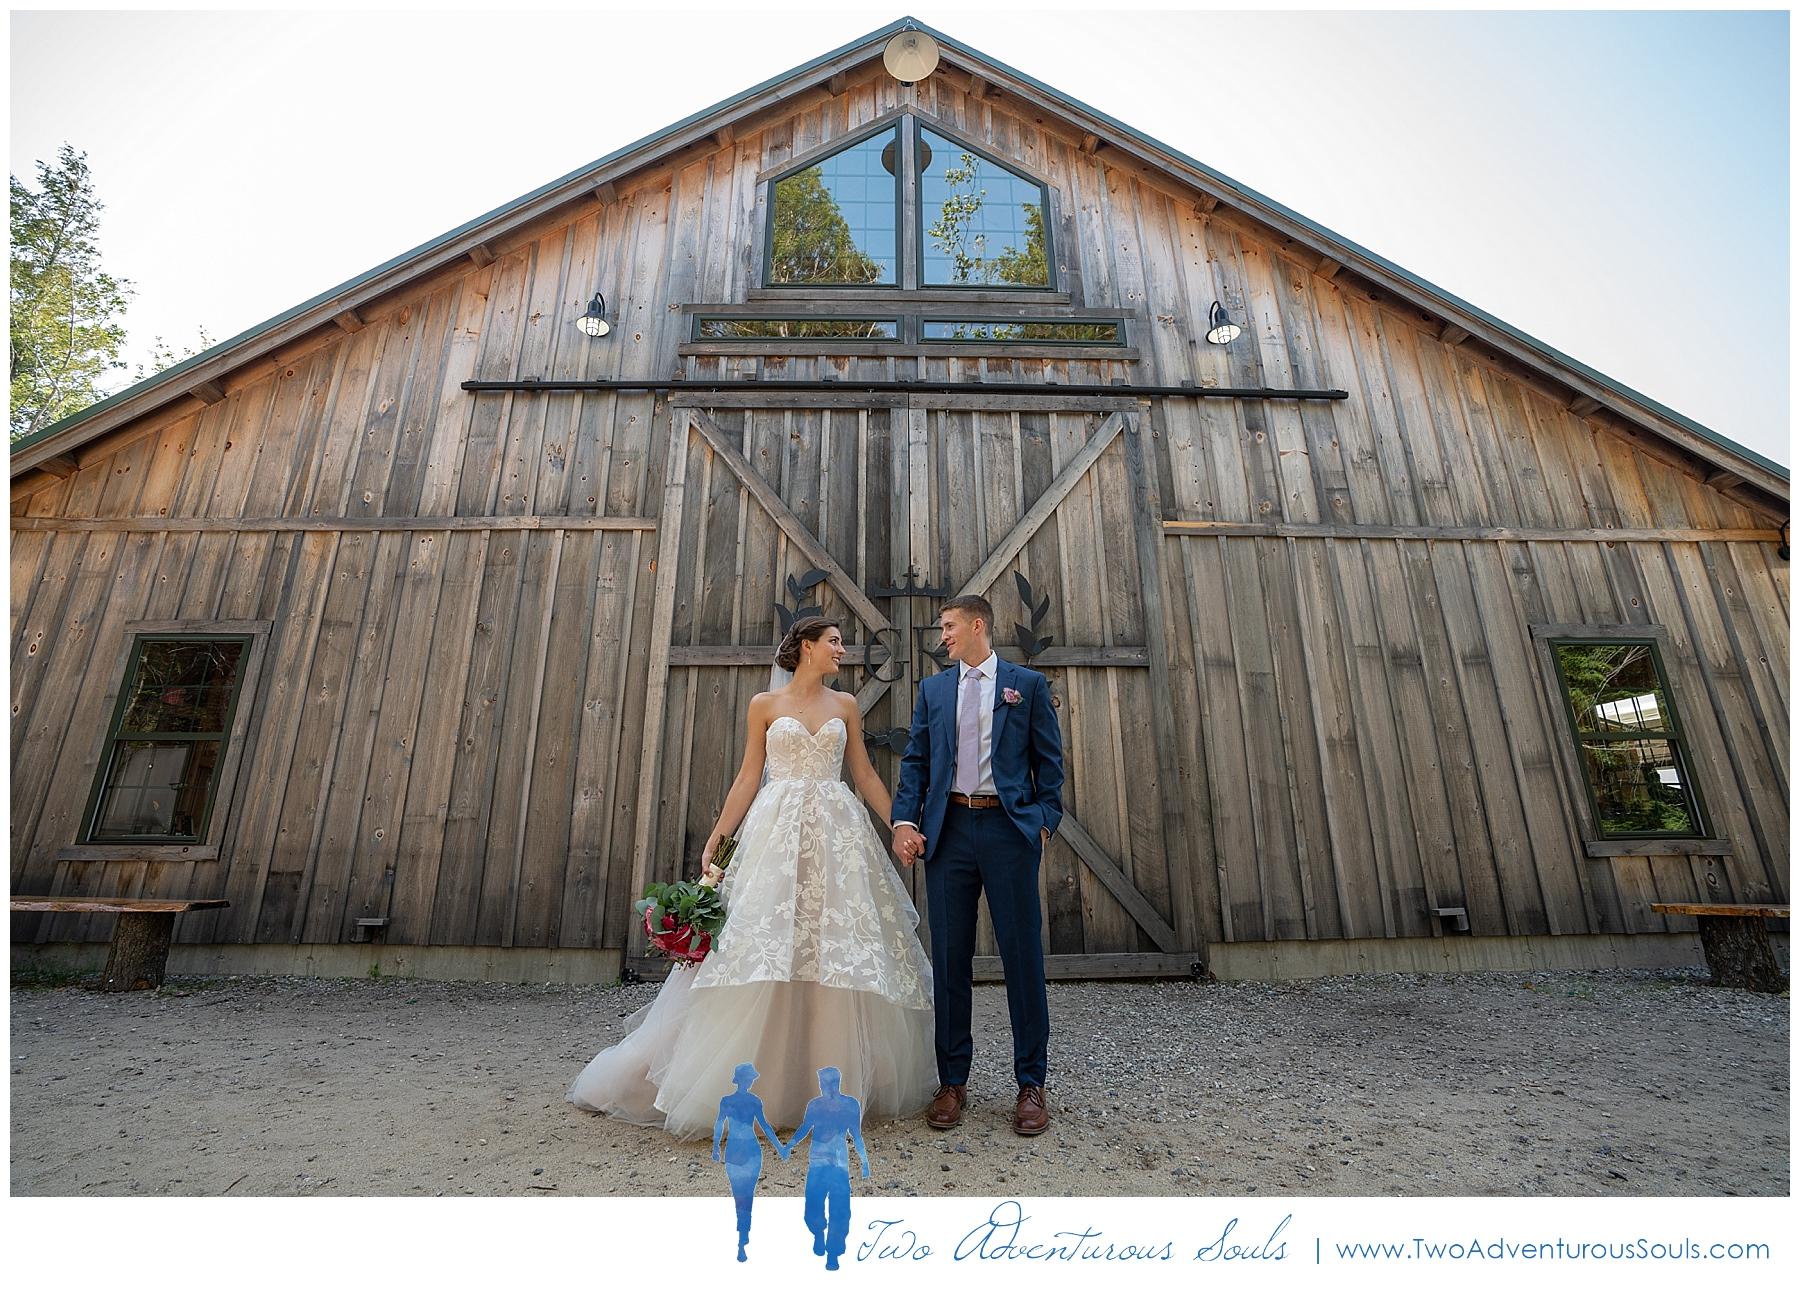 Maine Wedding Photographers, Granite Ridge Estate Wedding Photographers, Two Adventurous Souls - 080319_0050.jpg